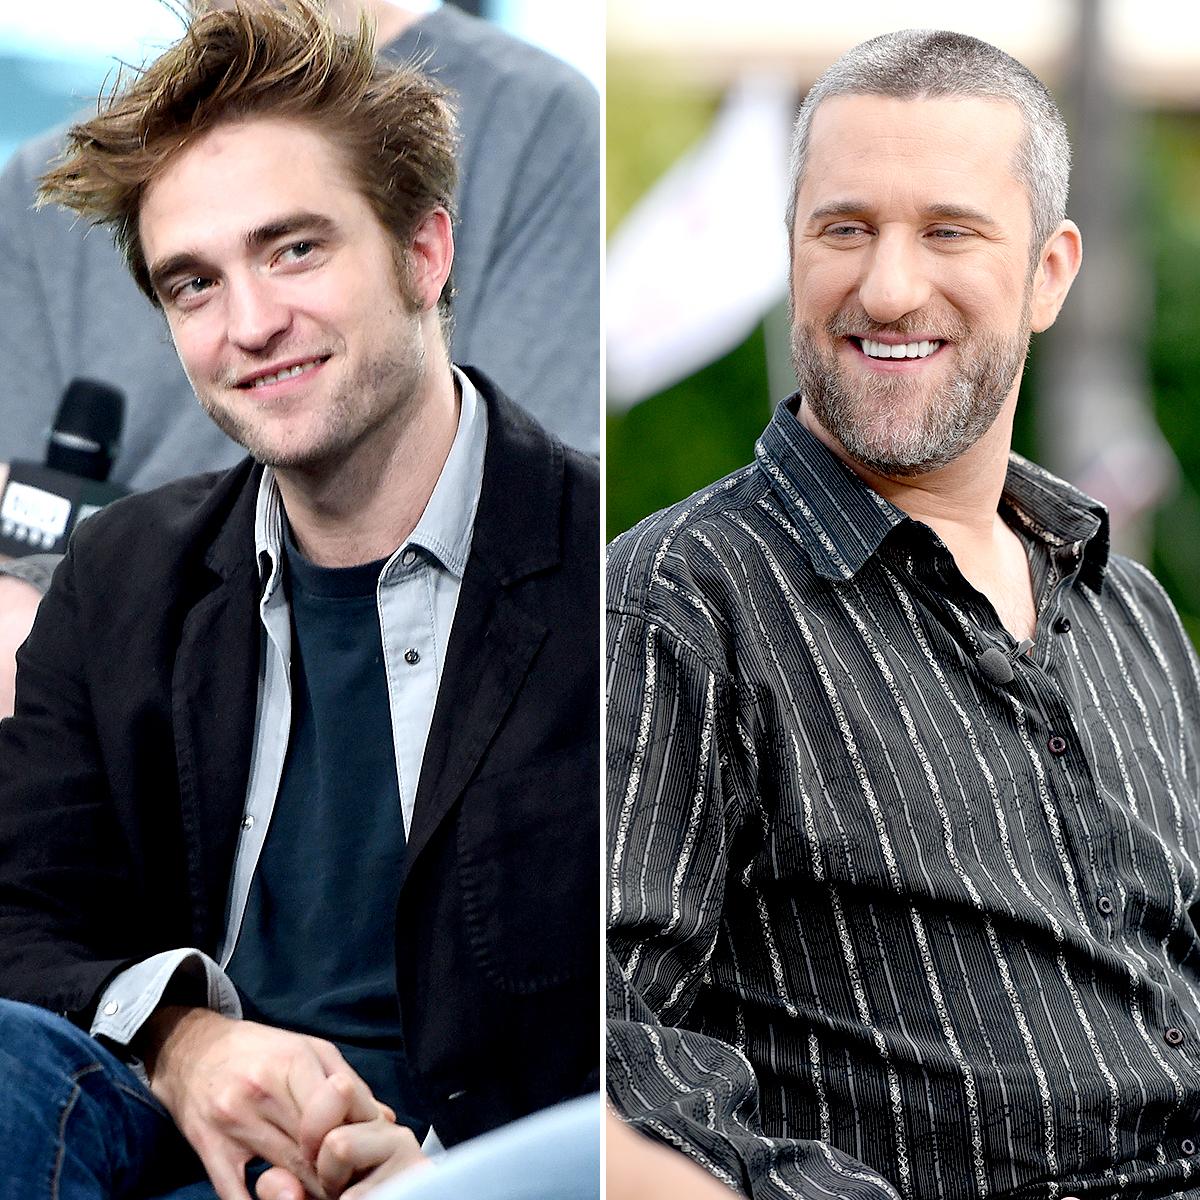 Robert Pattinson and Dustin Diamond